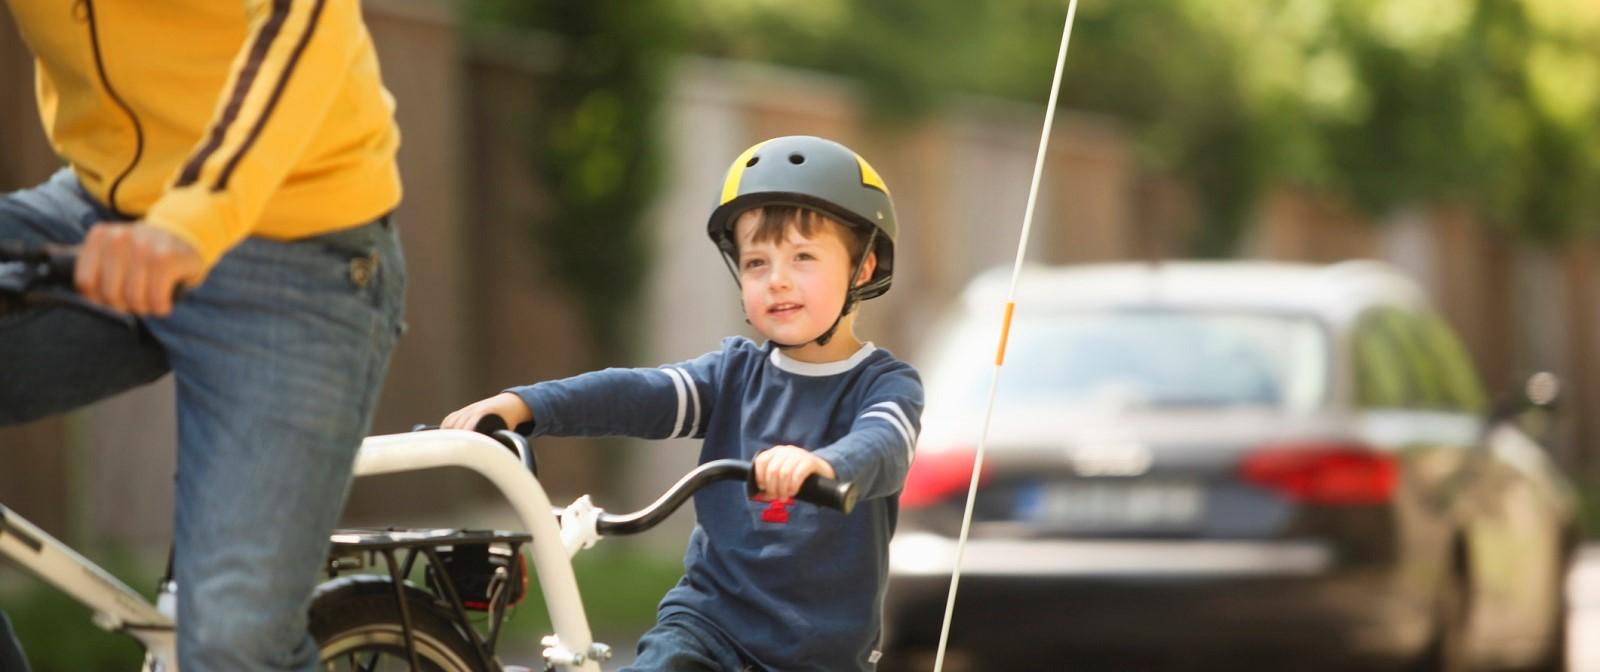 <h2>Veilig Verkeer</h2><div>Als je mensen uit de wagen wilt krijgen, moet je hen een veilig, comfortabel en aantrekkelijk alternatief aanbieden. </div>